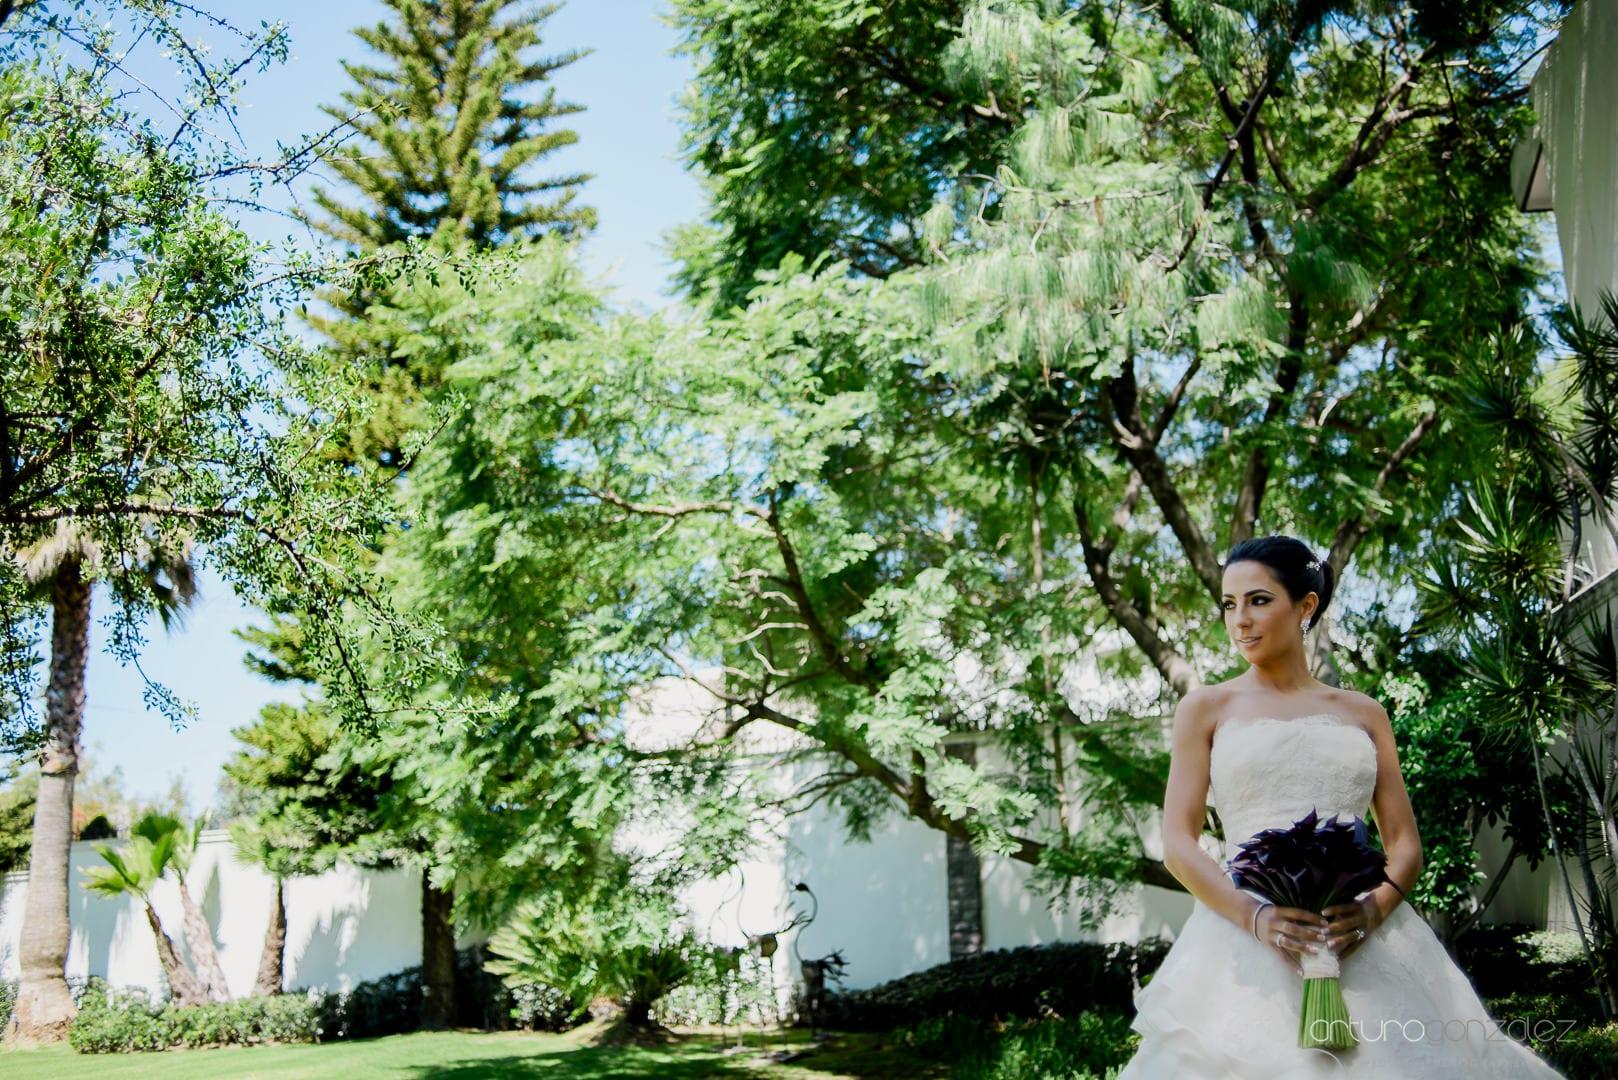 fotografias-de-boda-la-constancia-puebla-21